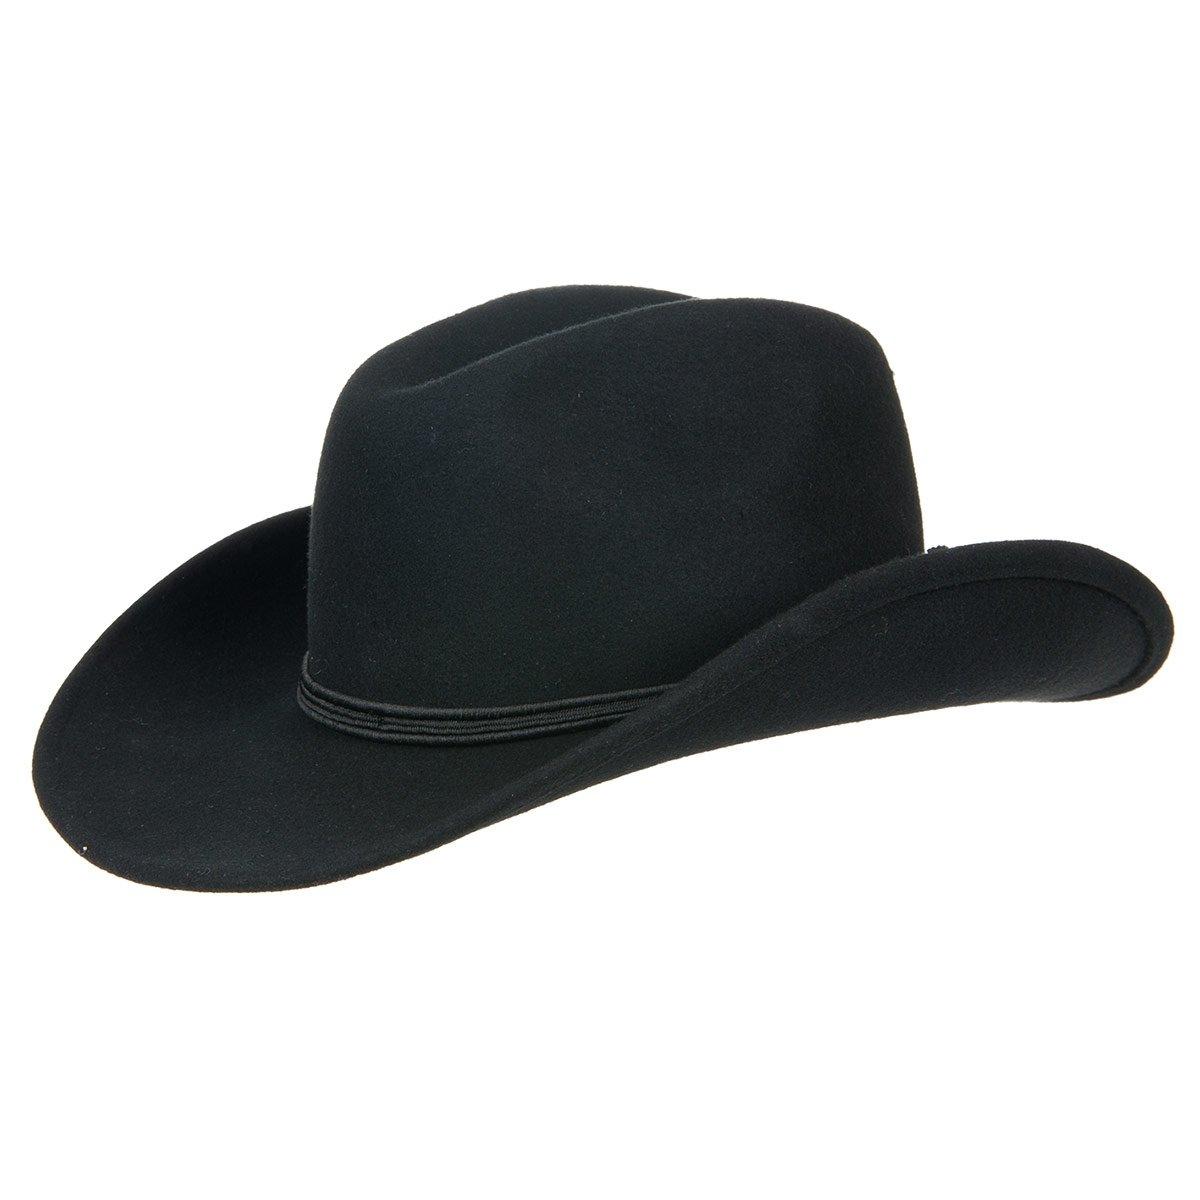 Elegante copricapo stile western con ampia falda ac2fe51c6204